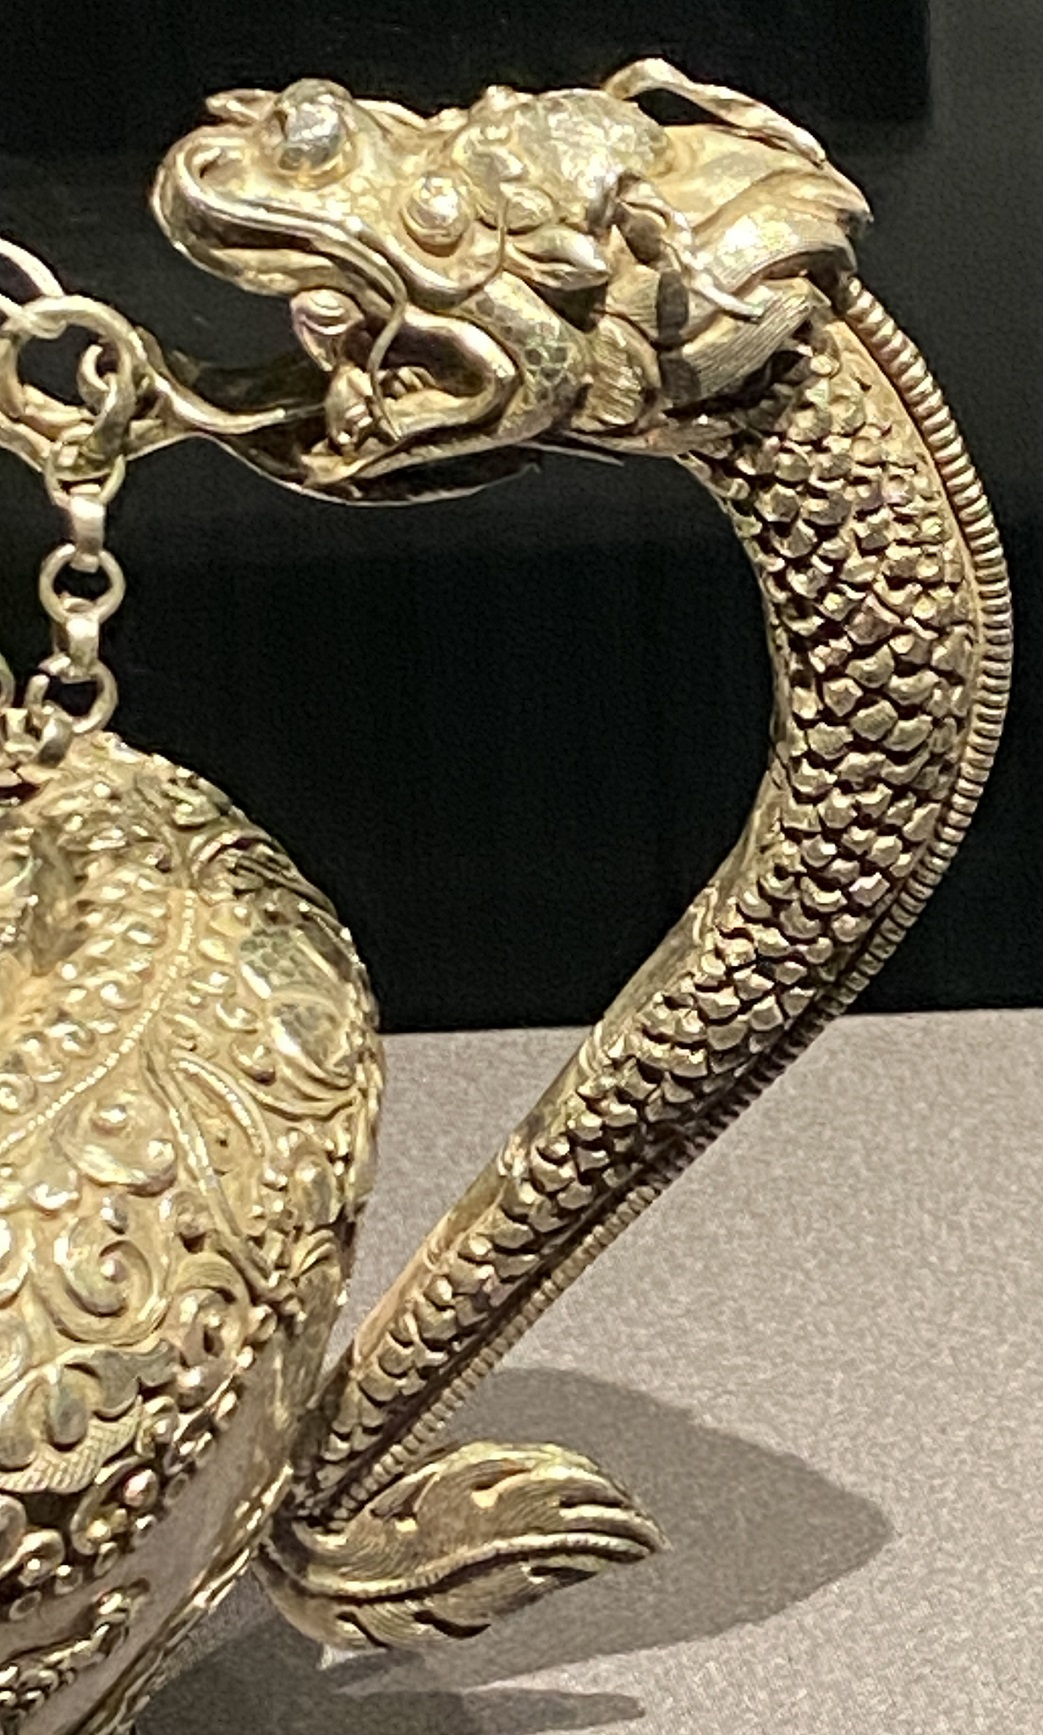 銀鏨龍紋浄水壺-特別展【七宝玲瓏-ヒマラヤからの芸術珍品】-金沙遺跡博物館-成都